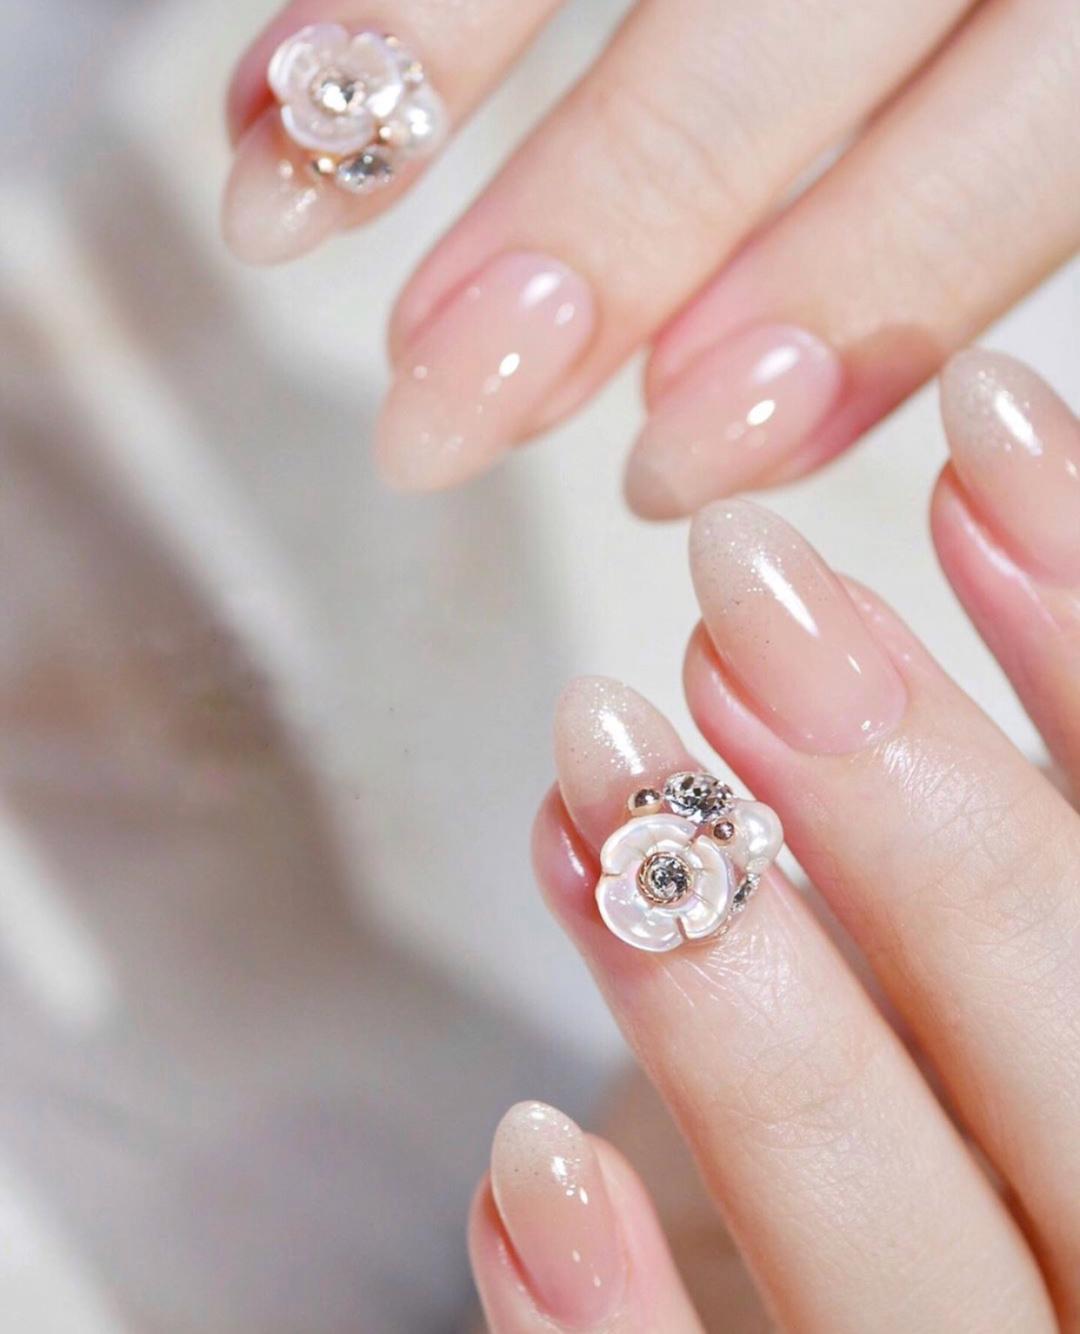 Gợi ý loạt mẫu nails vùa xinh lại đơn giản dành cho các cô dâu  - Ảnh 16.